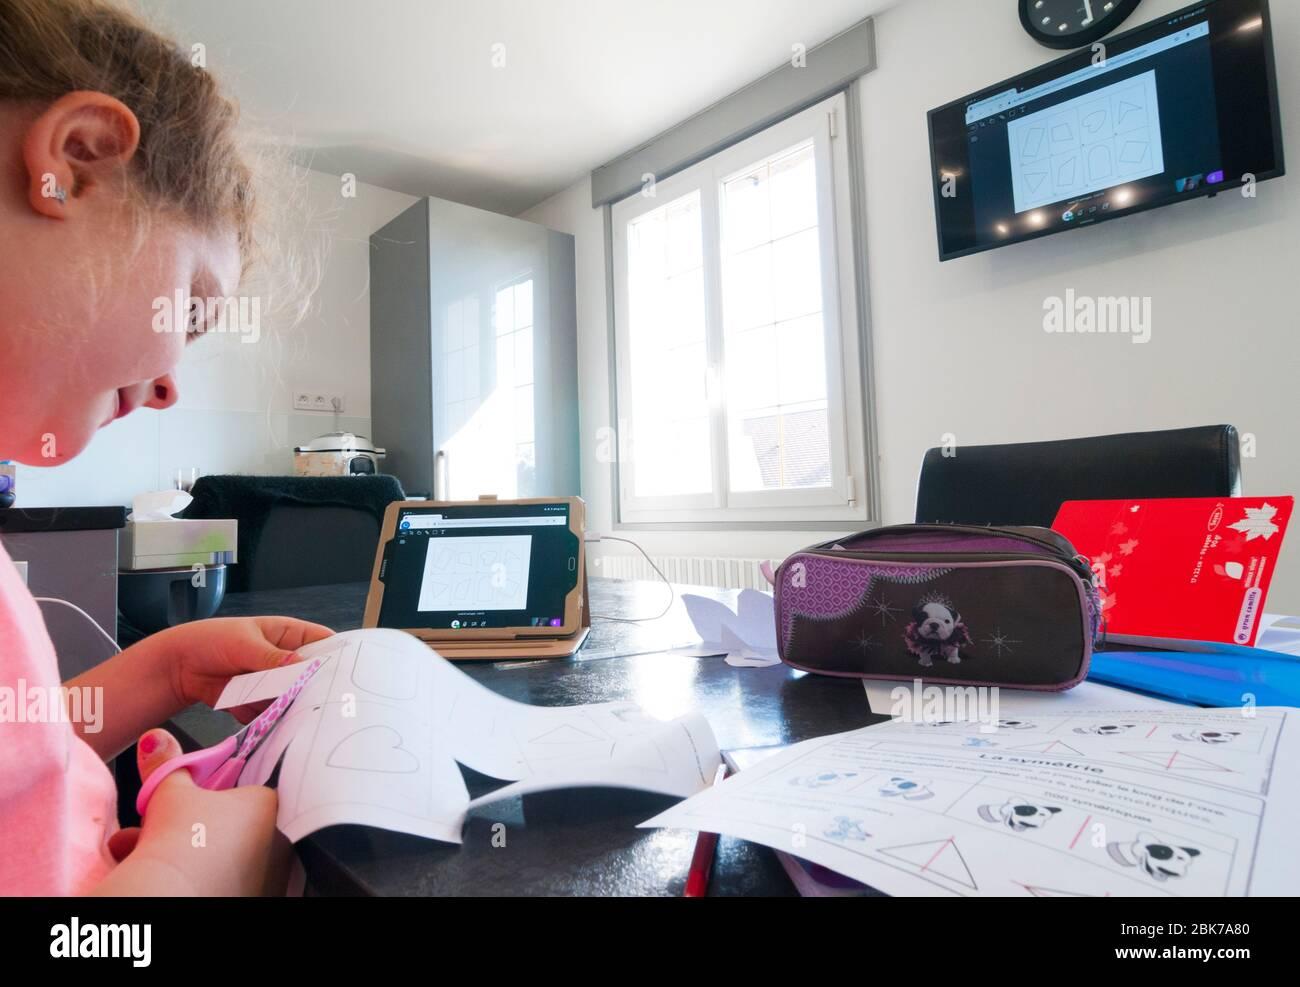 Francia, Loiret (45), Covid-19 cierre francés el 04/27/2020, niña de 7 años en CE1 durante la clase virtual de la escuela en casa utilizando la tableta remota Foto de stock